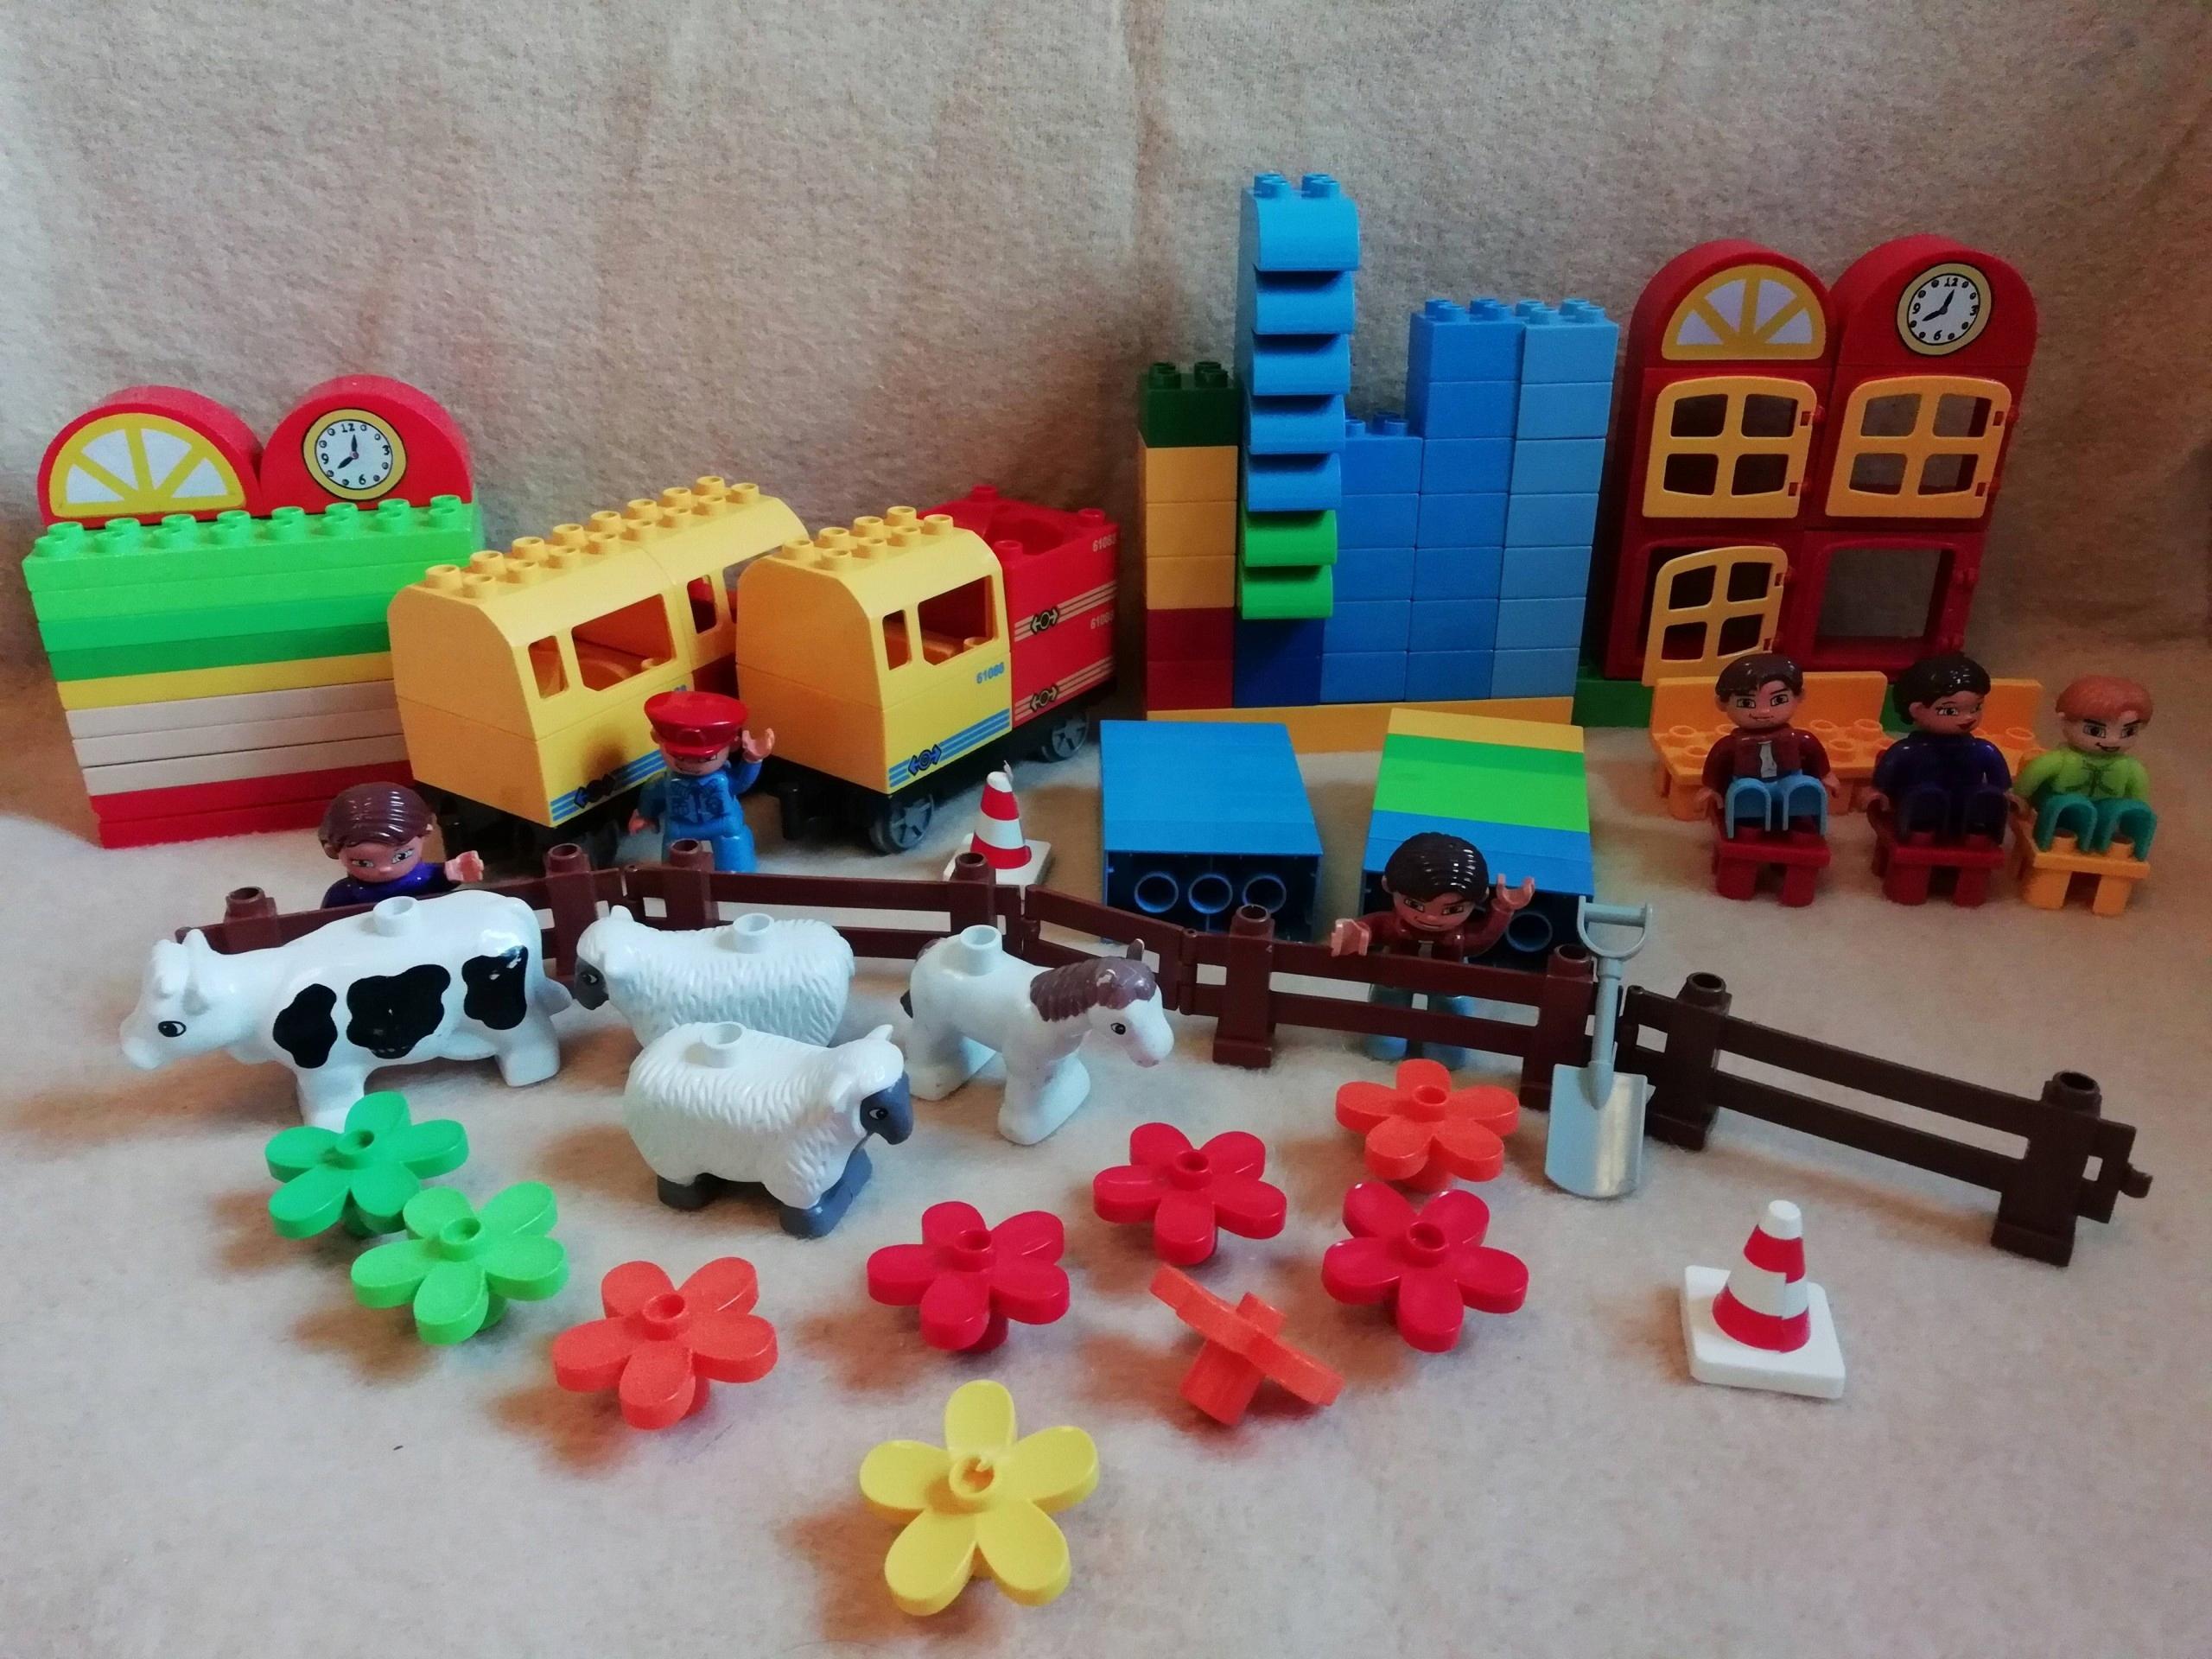 Klocki Podstawowe Jak Lego Duplo Kompatybilne 7432562584